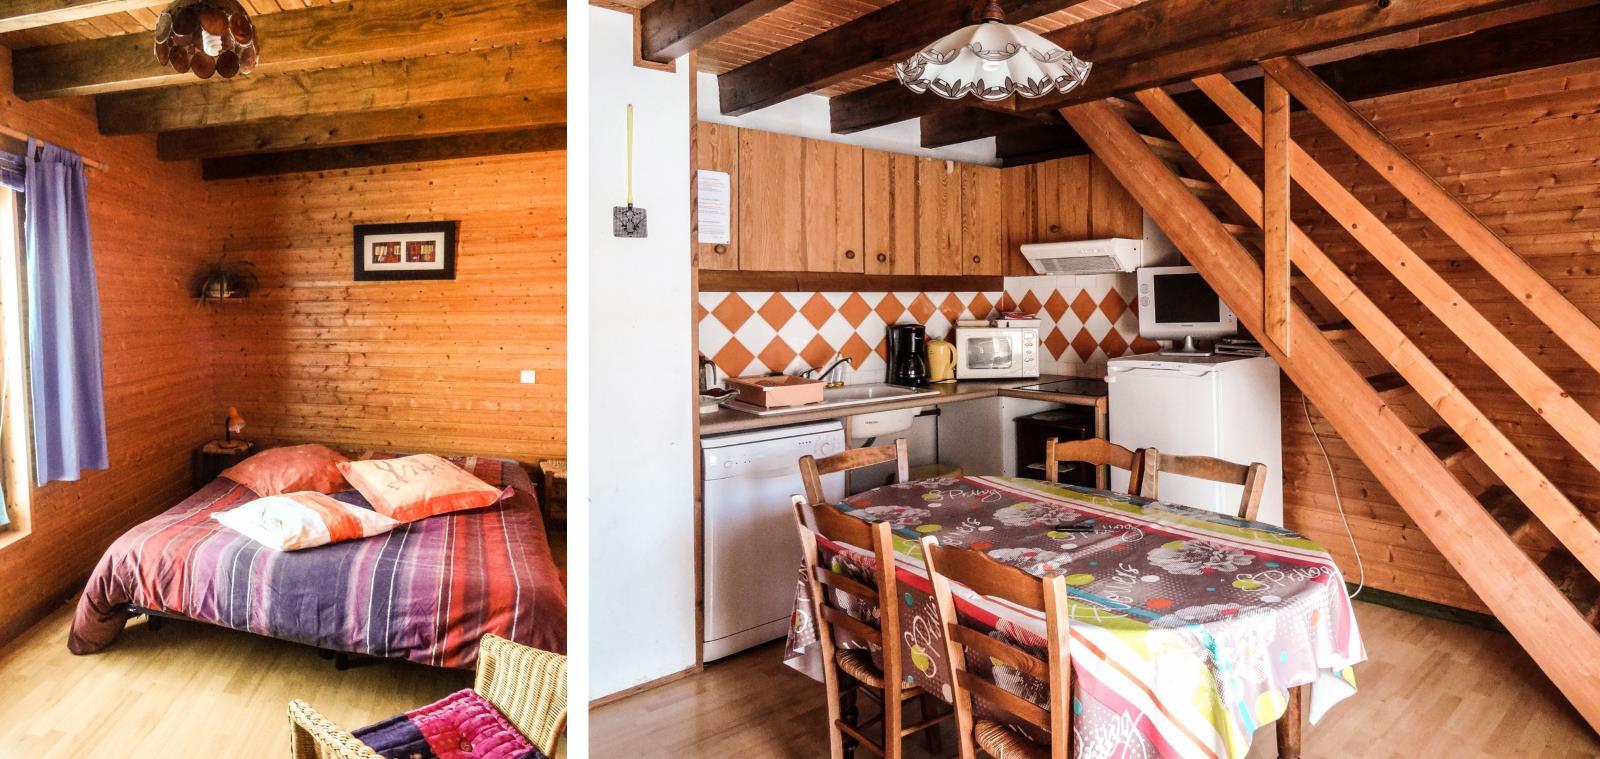 Chambre 2 lits et pièce à vivre